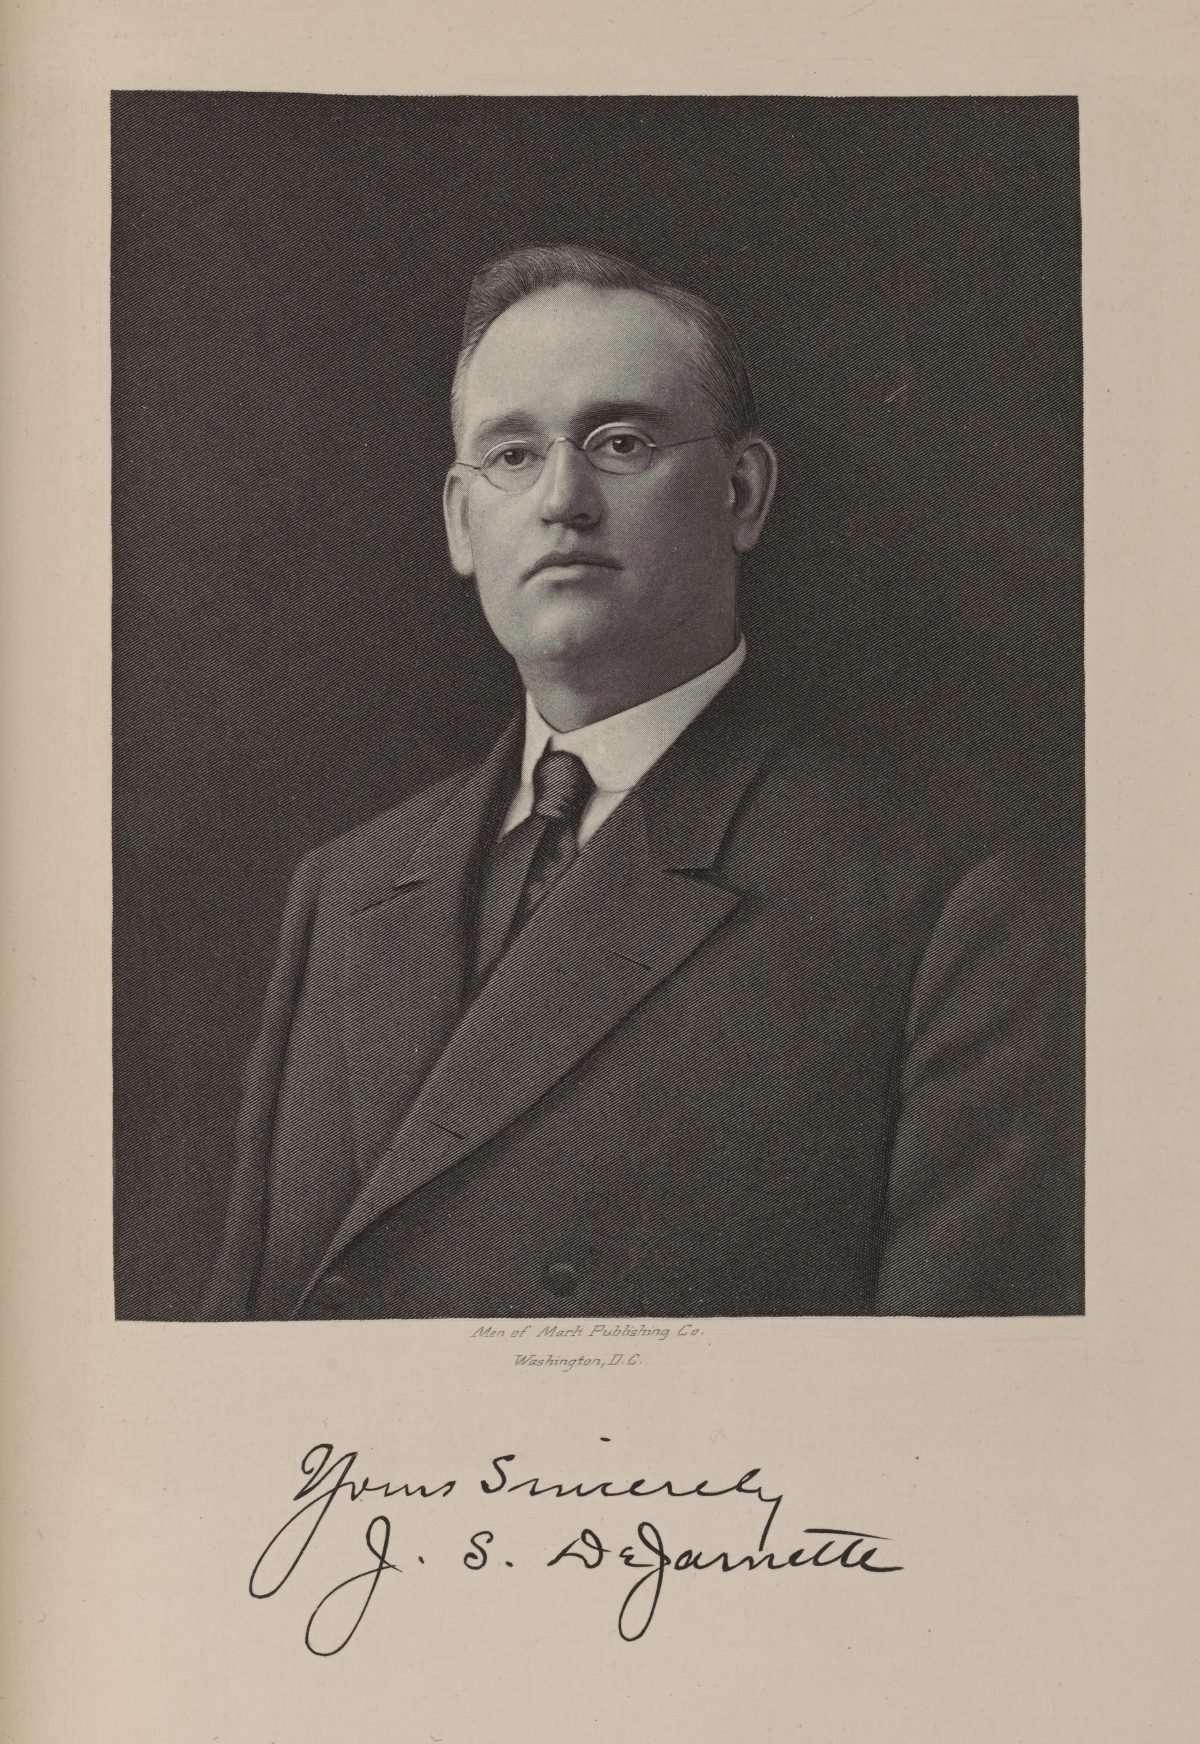 Joseph Spencer DeJarnette